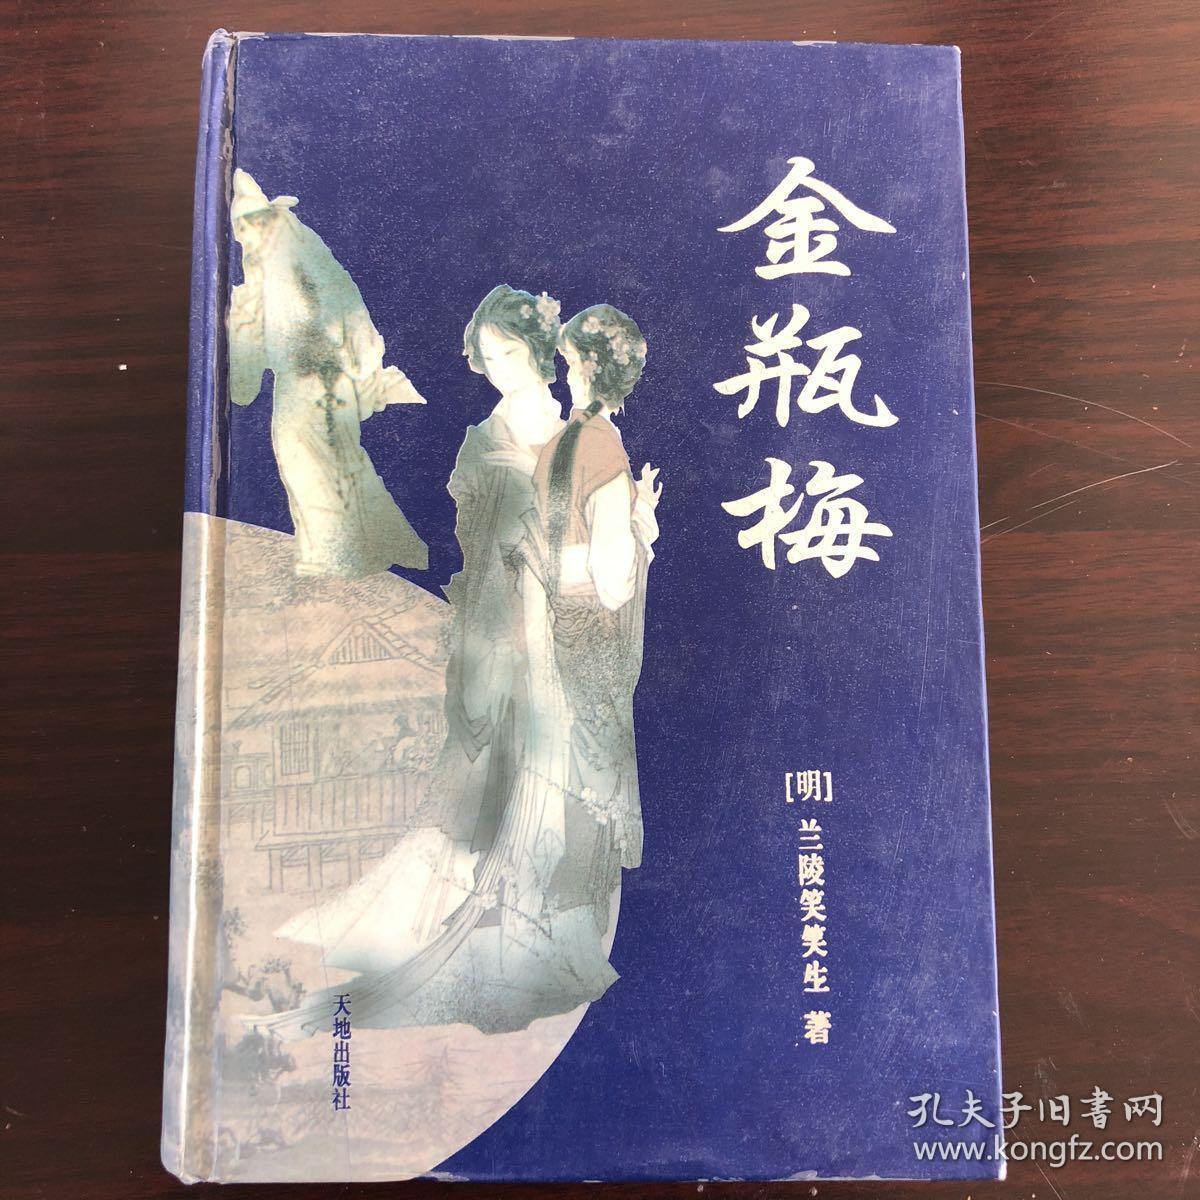 金瓶梅_蘭陵笑笑生_孔夫子舊書網